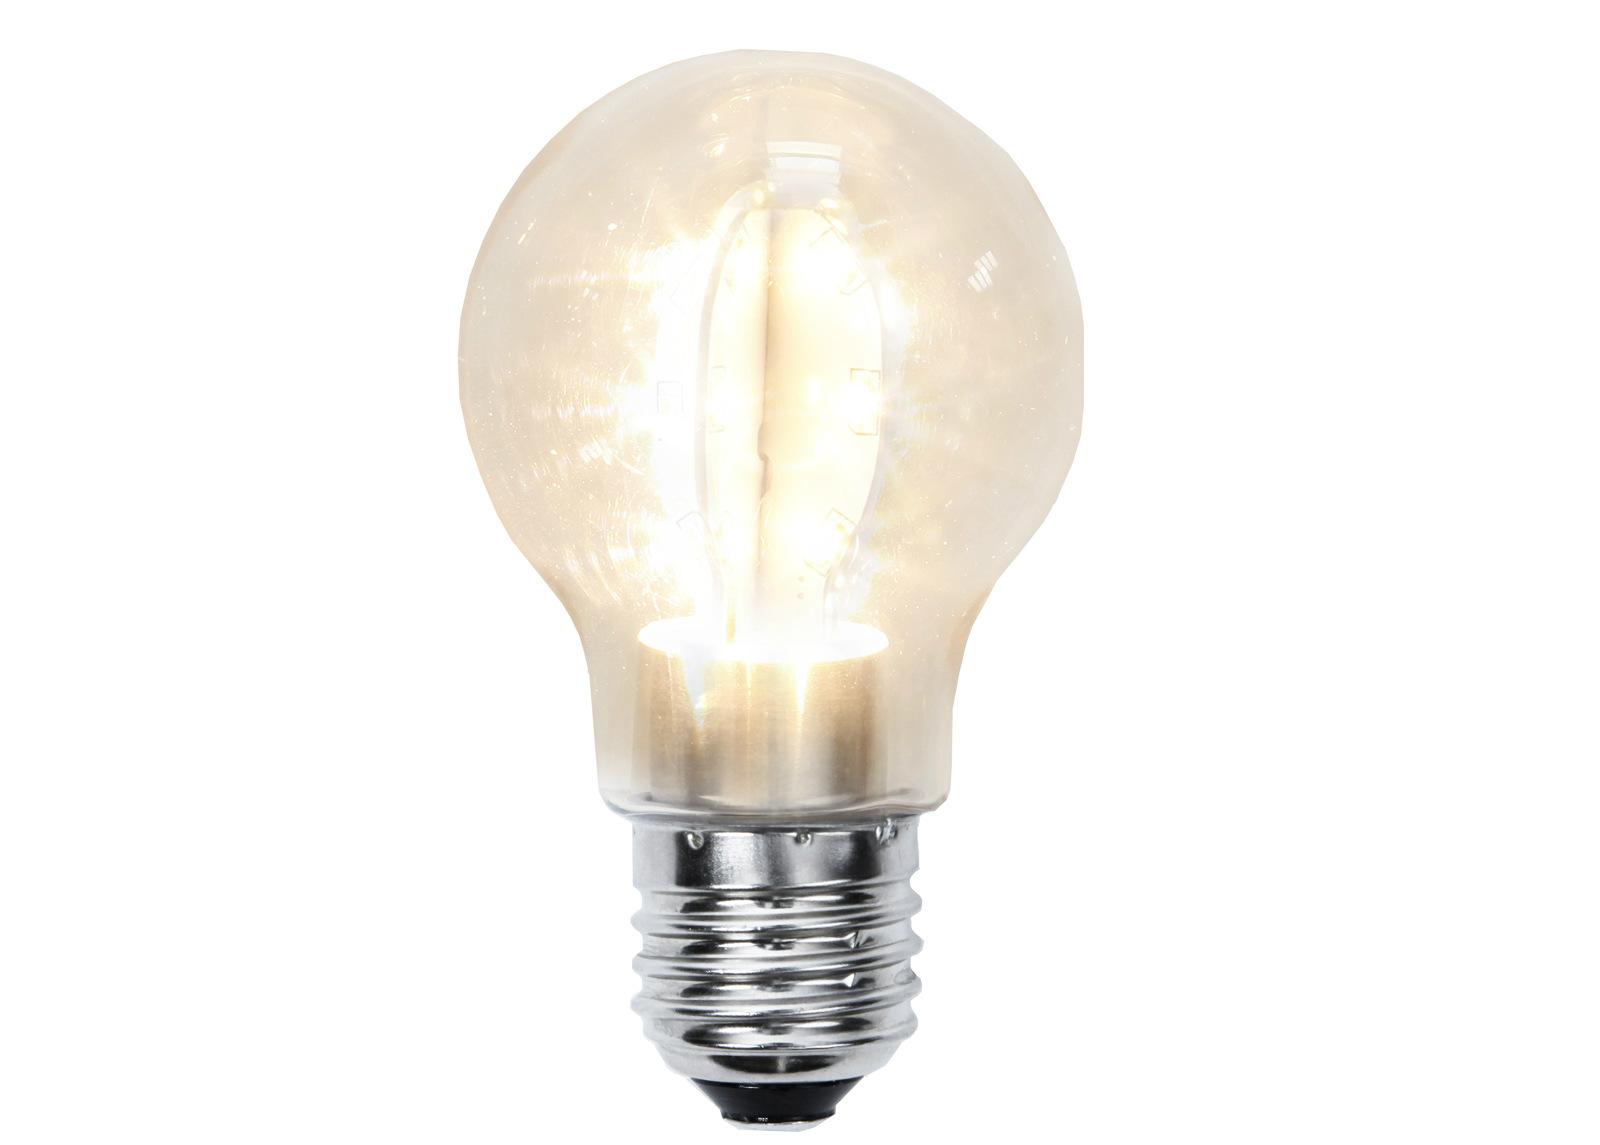 Dekoratiivinen muovinen LED-lamppu valoketjuun